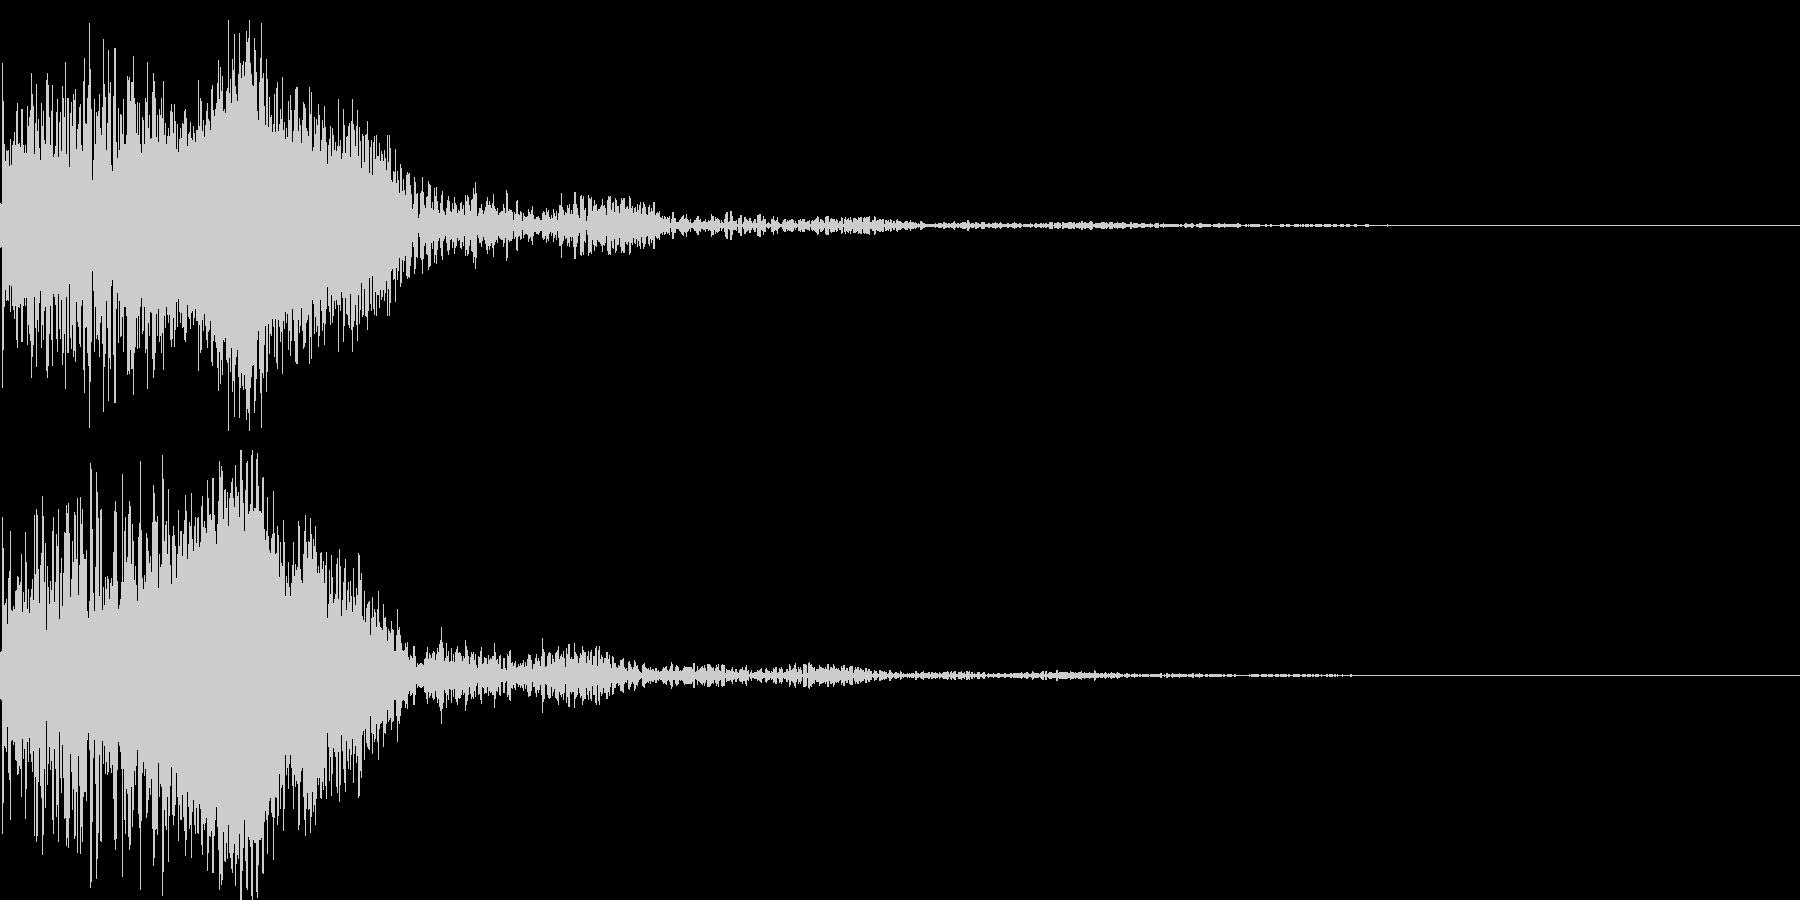 太鼓と尺八の和風インパクトジングル!06の未再生の波形